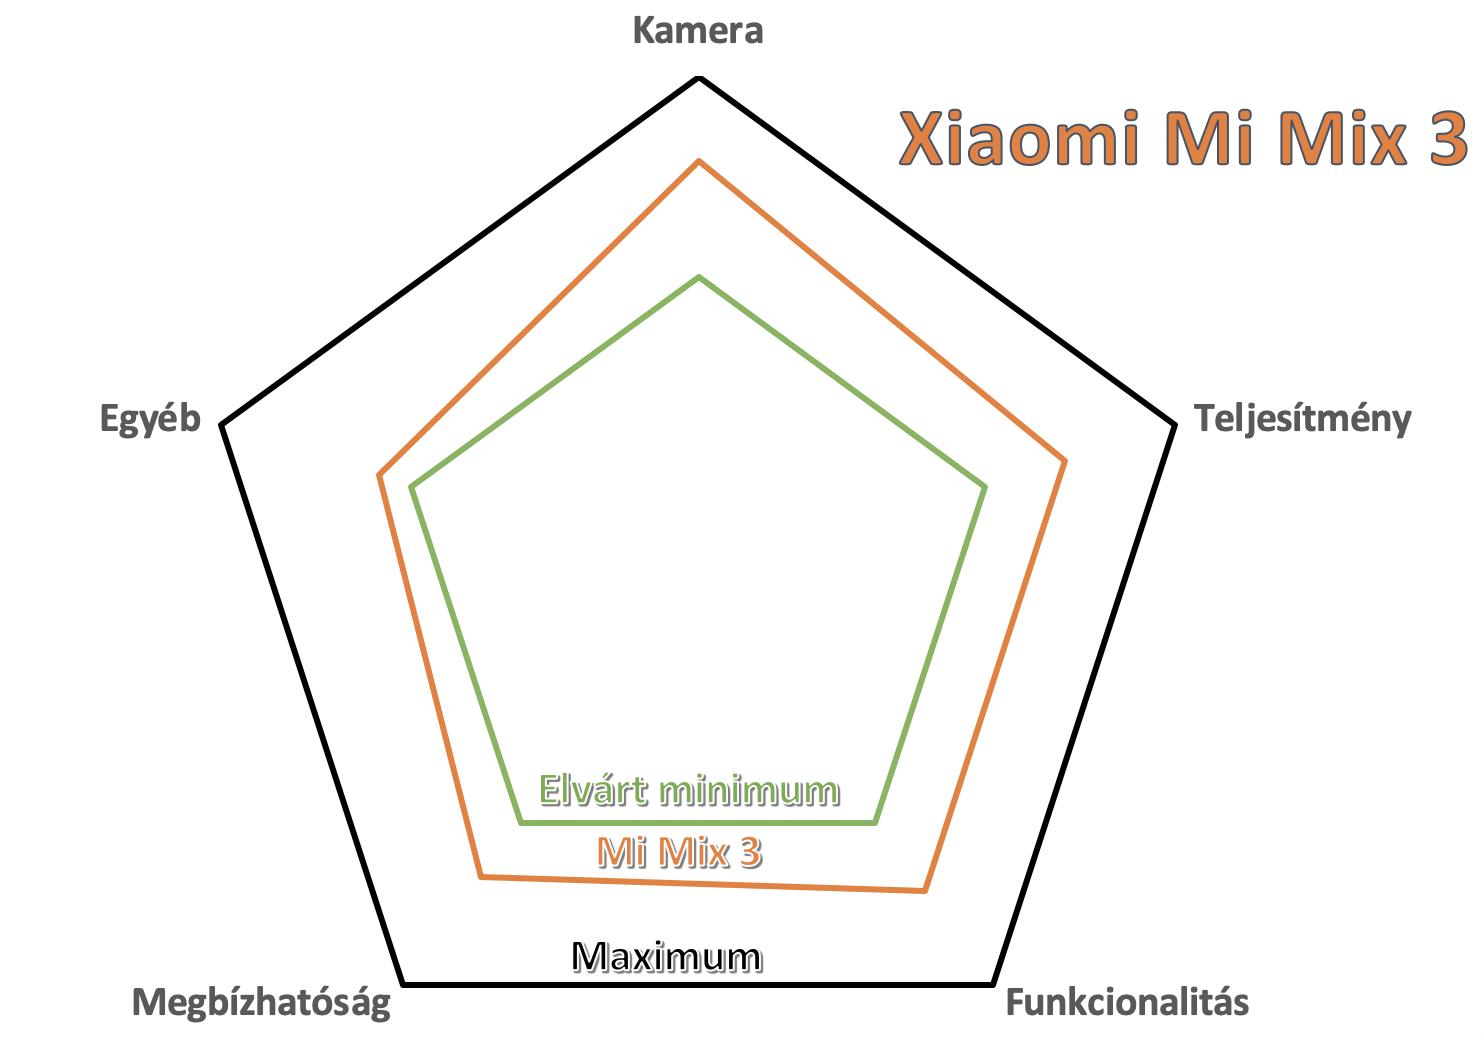 xiaomi mi mix 3 teszt